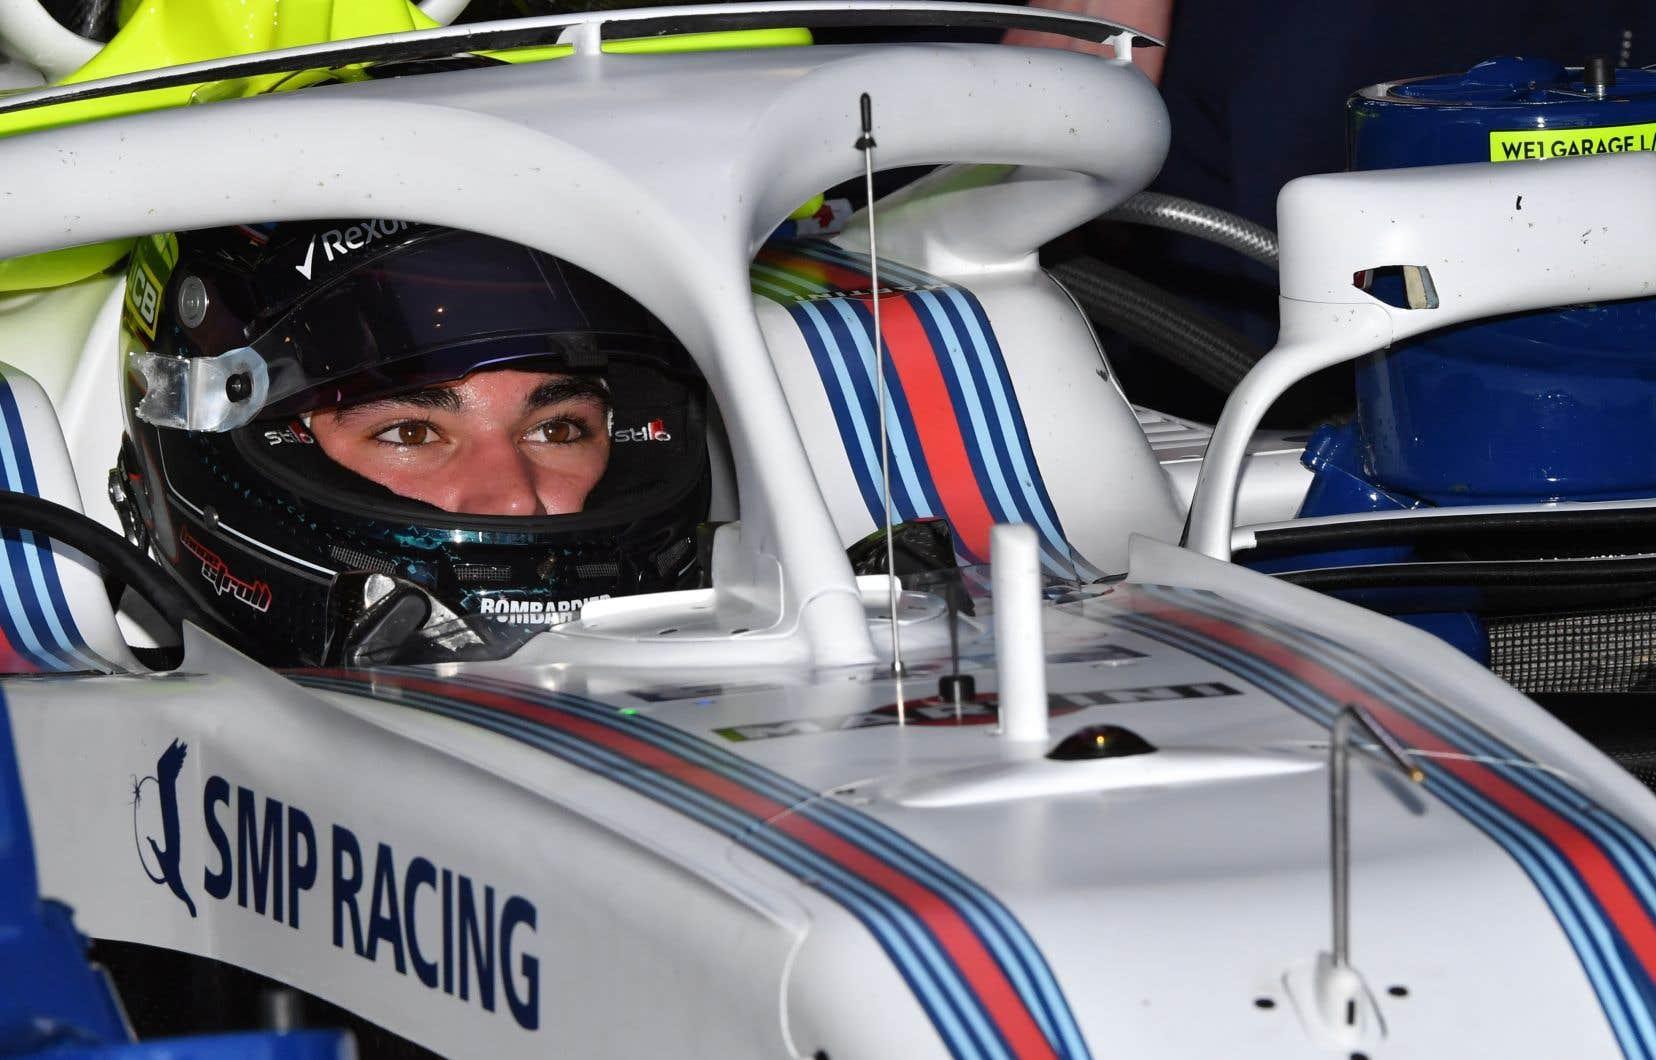 Lance Stroll semblait découragé après s'être contenté du 17erang à l'issue de la deuxième séance d'essais libres au Grand Prix de Formule 1 de Bahreïn.